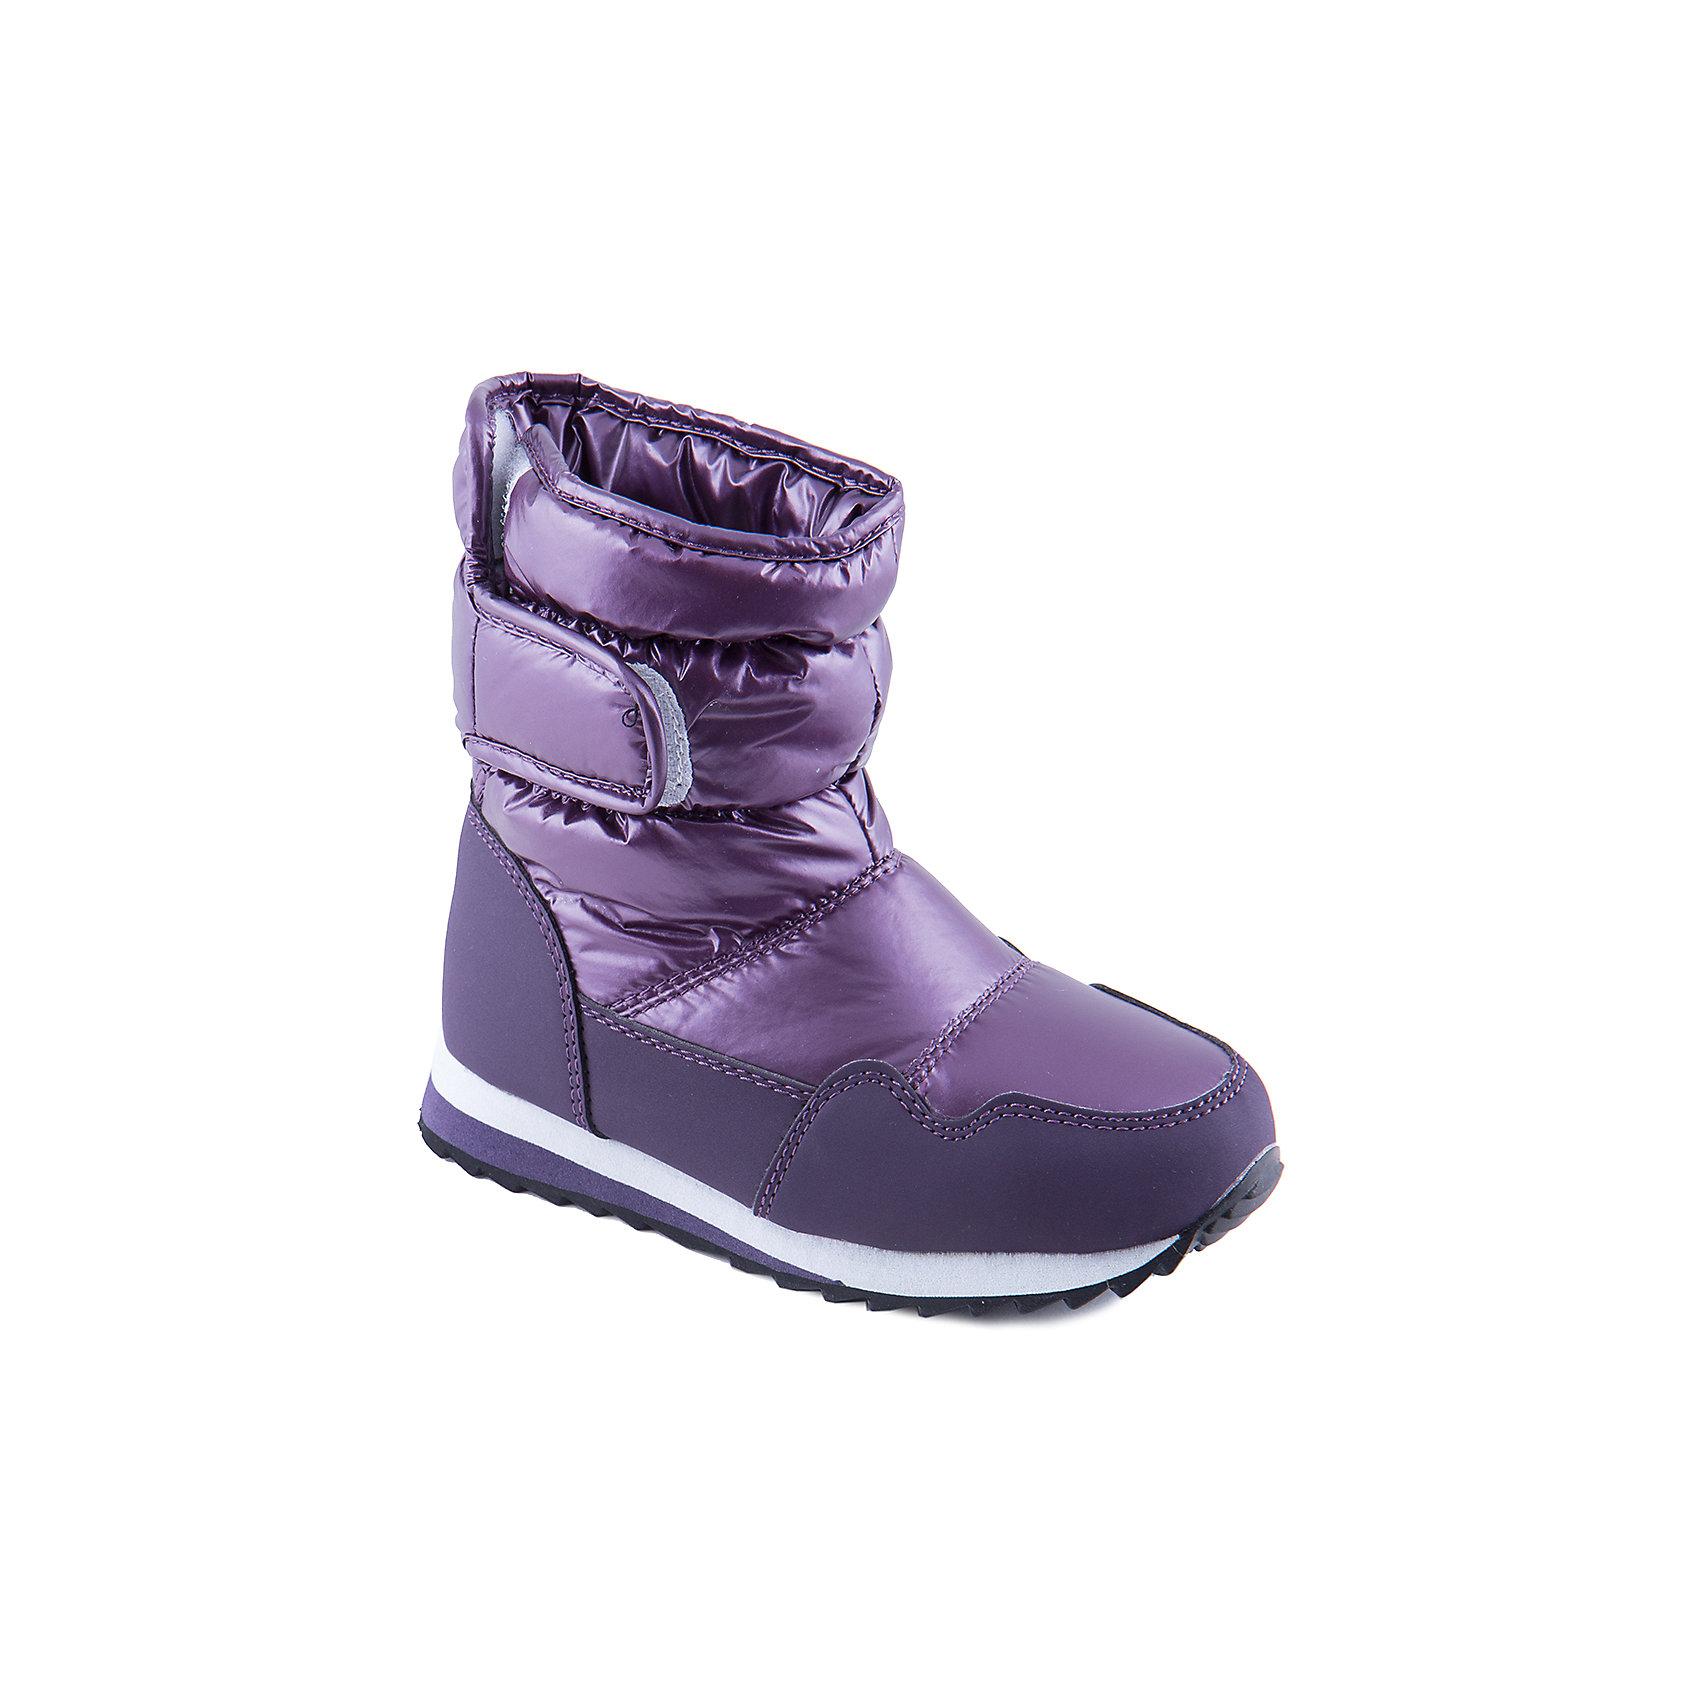 Сапоги для девочки MURSUСтильные сапоги от известного бренда MURSU порадуют всех юных модниц. Модель имеет толстую подошву, отлично защищающую ноги от холода, выполнена из высококачественных материалов, очень хорошо смотрится на ноге.   Прекрасный вариант на холодную погоду. <br><br>Дополнительная информация:<br><br>- Сезон: зима/осень.<br>- Тепловой режим: от -5? до -25? <br>- Цвет: фиолетовый.<br>- Рифленая подошва.<br>- Тип застежки: липучка. <br><br>Состав:<br><br>- Материал верха: текстиль/ искусственная замша.<br>- Материал подкладки: искусственная шерсть.<br>- Материал подошвы: TEP.<br>- Материал стельки: искусственная шерсть.<br><br>Сапоги для девочки MURSU (Мурсу) можно купить в нашем магазине.<br><br>Ширина мм: 257<br>Глубина мм: 180<br>Высота мм: 130<br>Вес г: 420<br>Цвет: фиолетовый<br>Возраст от месяцев: 132<br>Возраст до месяцев: 144<br>Пол: Женский<br>Возраст: Детский<br>Размер: 35,34,32,30,31,33<br>SKU: 4202541